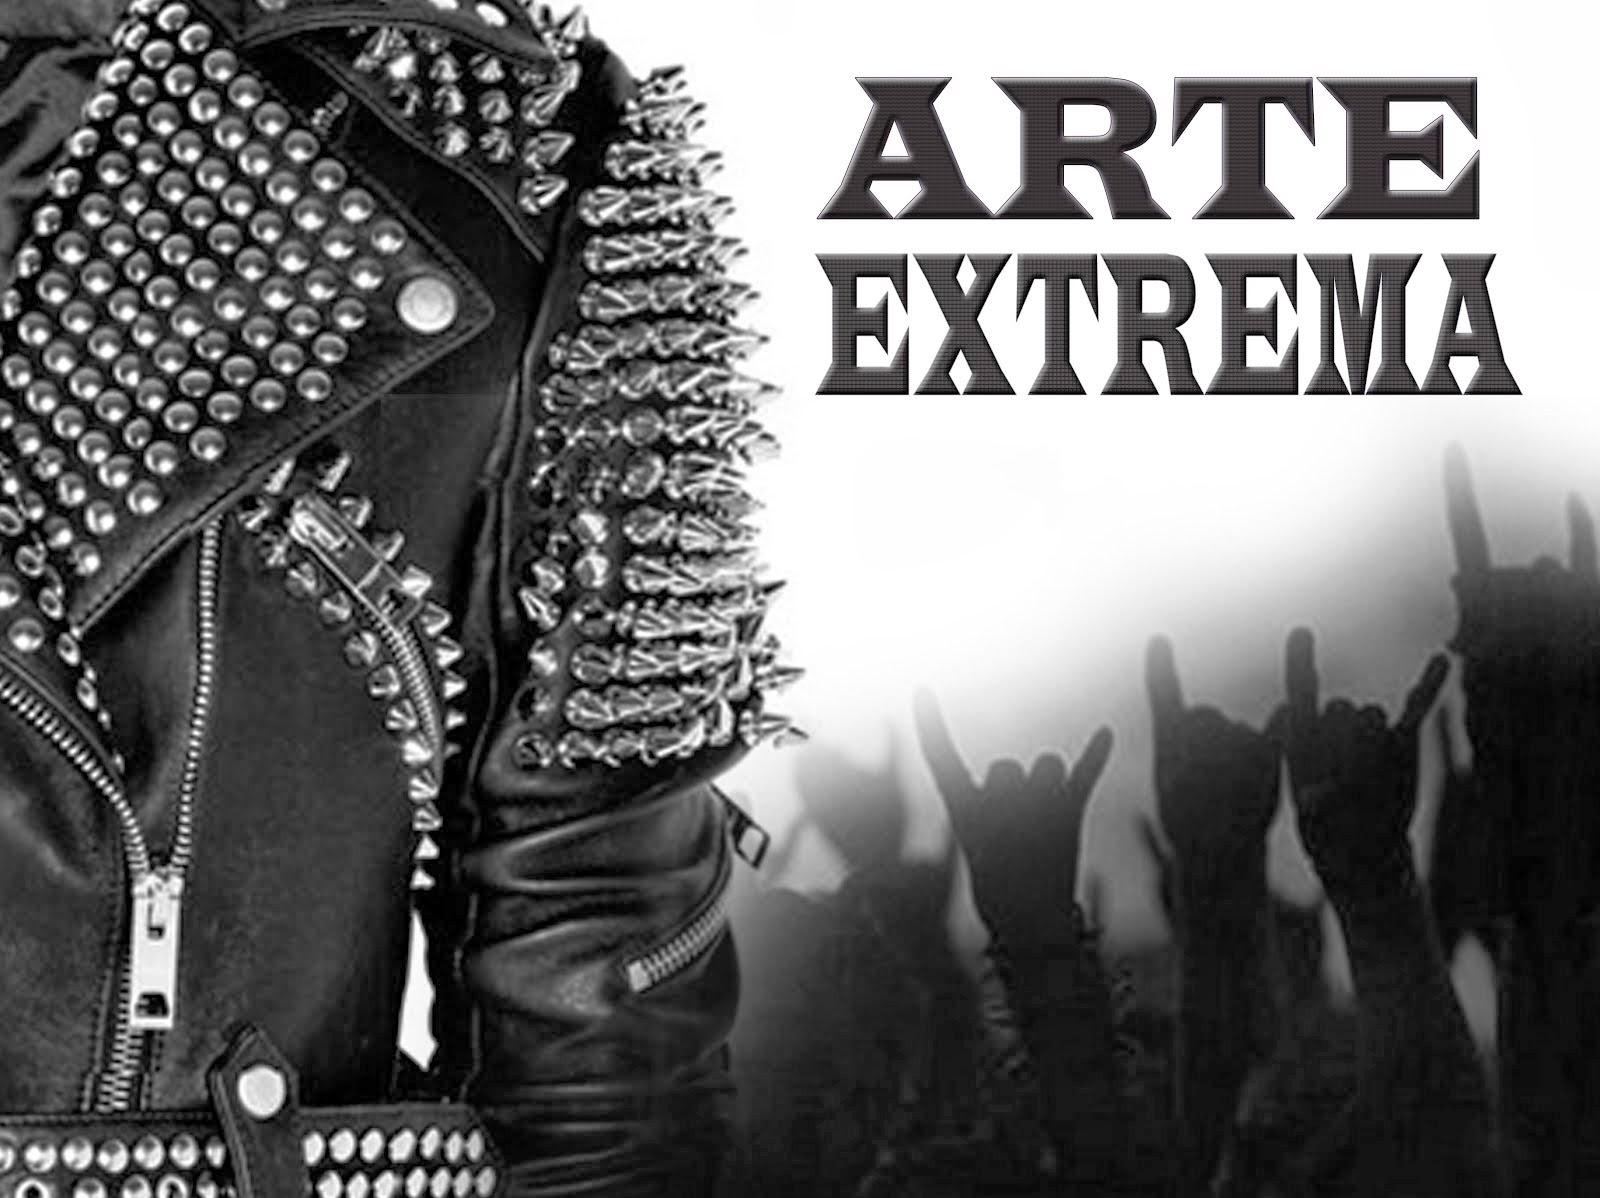 Arte Extrema